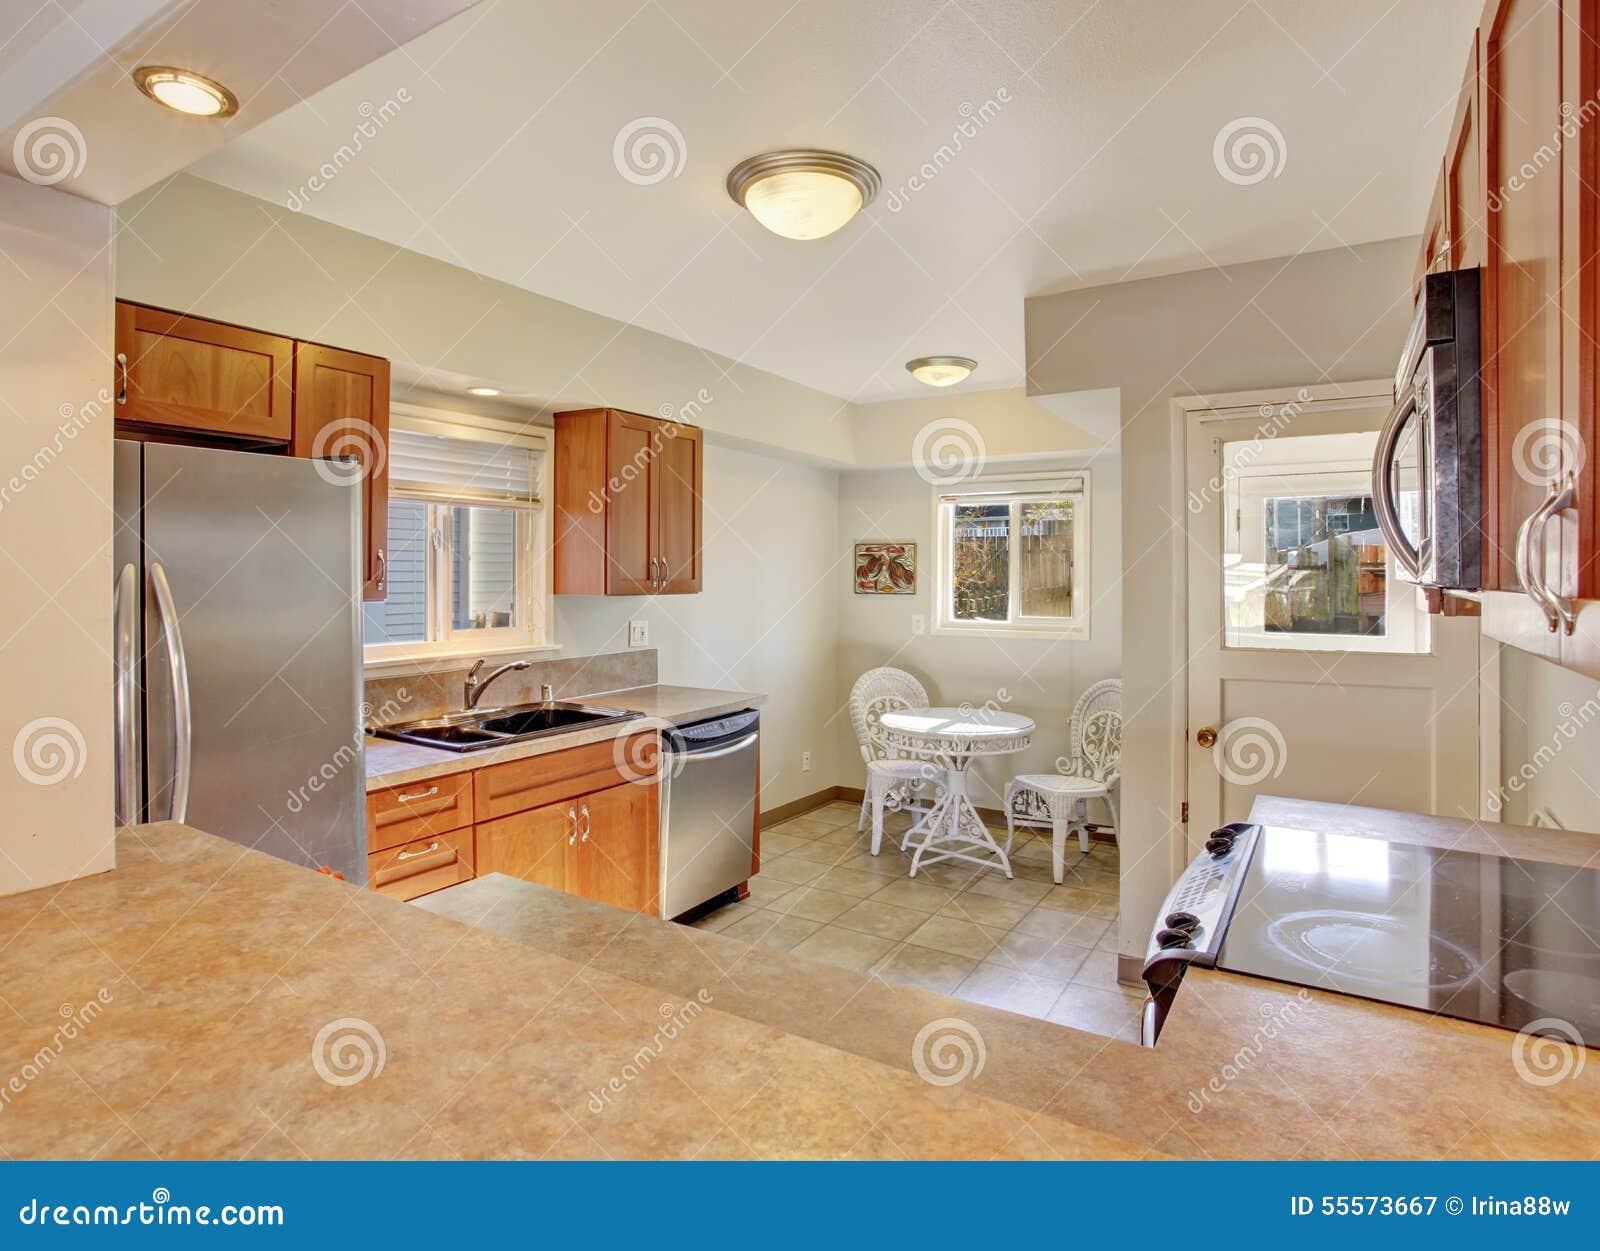 Azulejos cocina moderna cool otra cocina blanca en este caso es nrdica con un poco de vintage - Azulejos cocina moderna ...